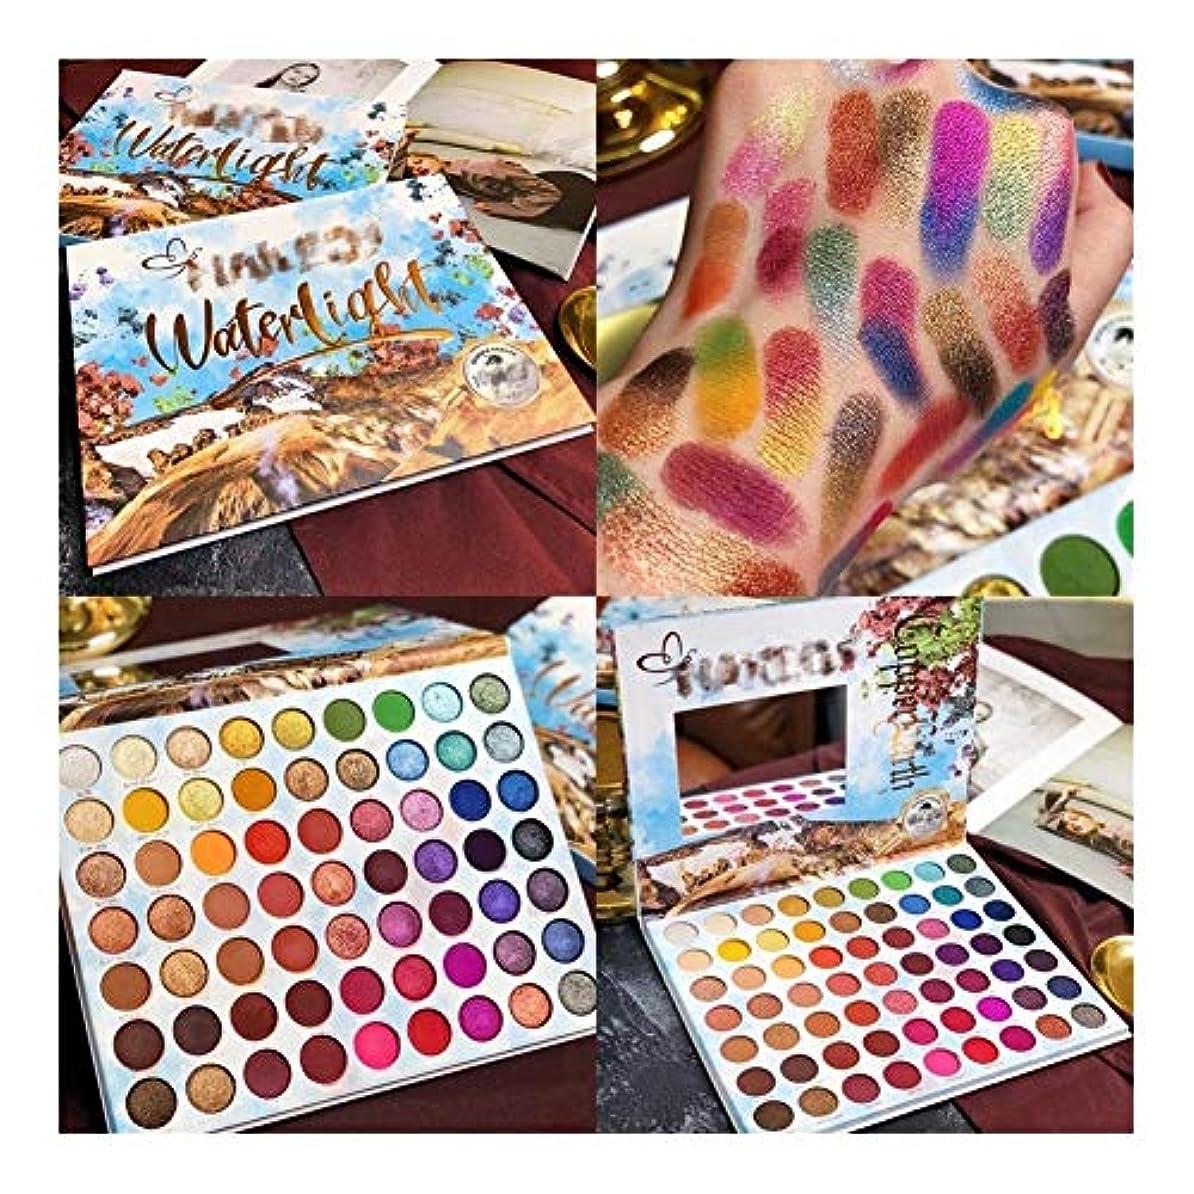 警察署犯罪肌寒いメイクアップアイシャドウパレット63色夏コレクションマットシマーキラキラ顔料アイシャドウパレット化粧品 (Color : D)